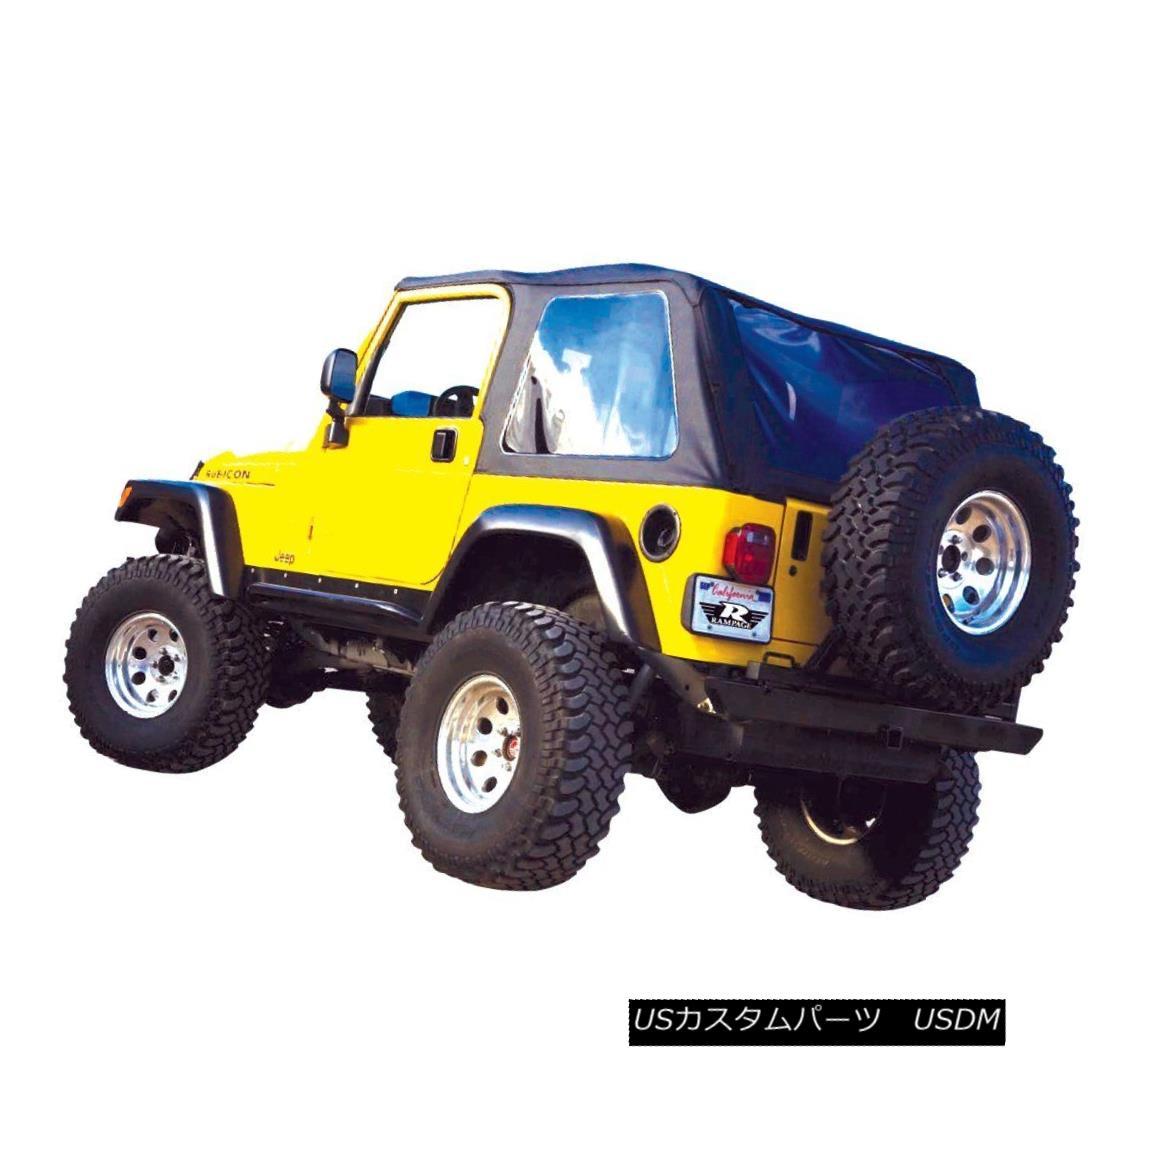 幌・ソフトトップ Rampage New Soft Top Black Jeep Wrangler 2007-2016 ランペイジ新ソフトトップブラックジープラングラー2007-2016